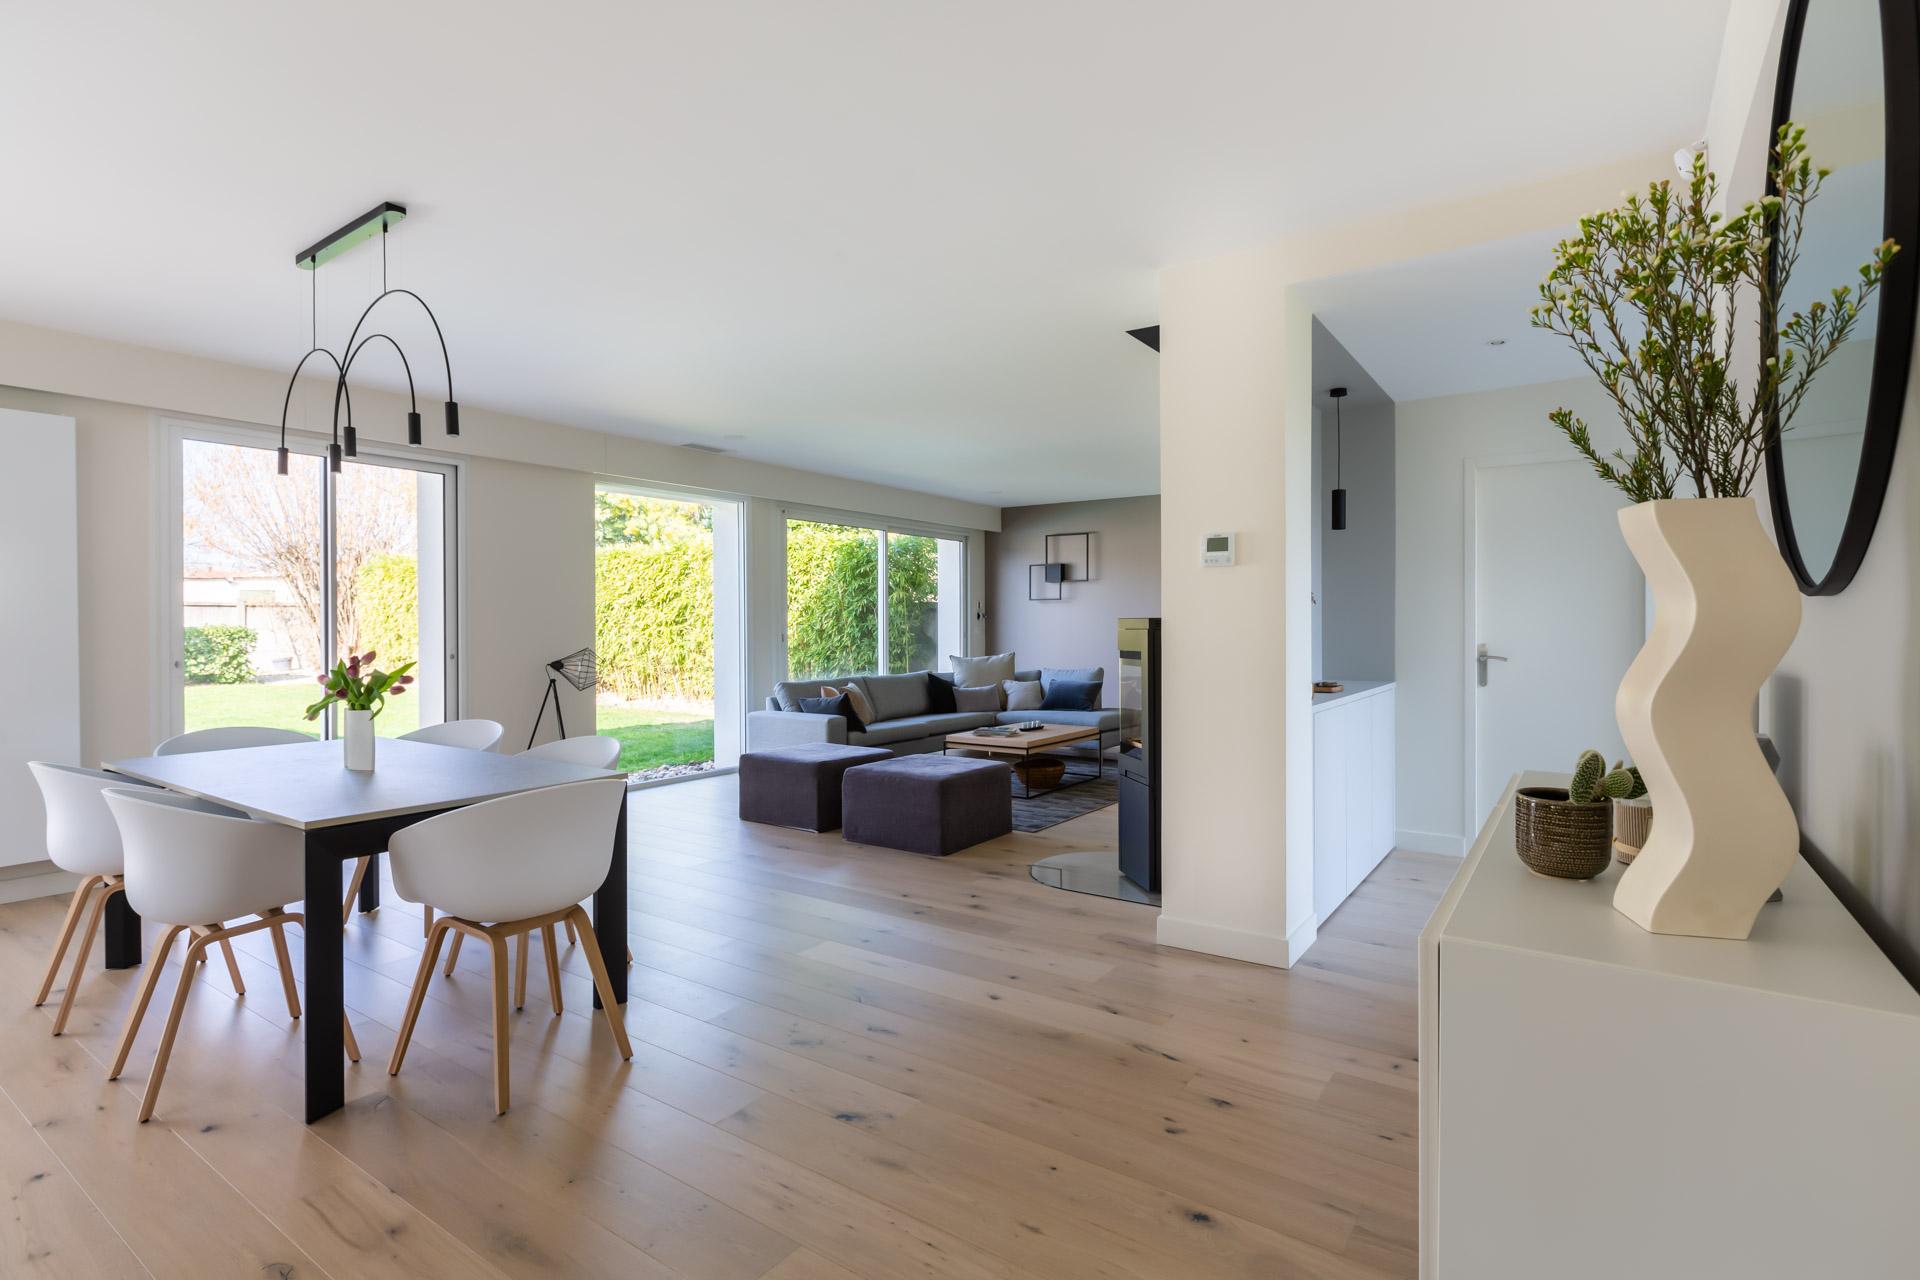 Cuisine Séparée Du Salon restructuration maison lièges * architecture intérieure